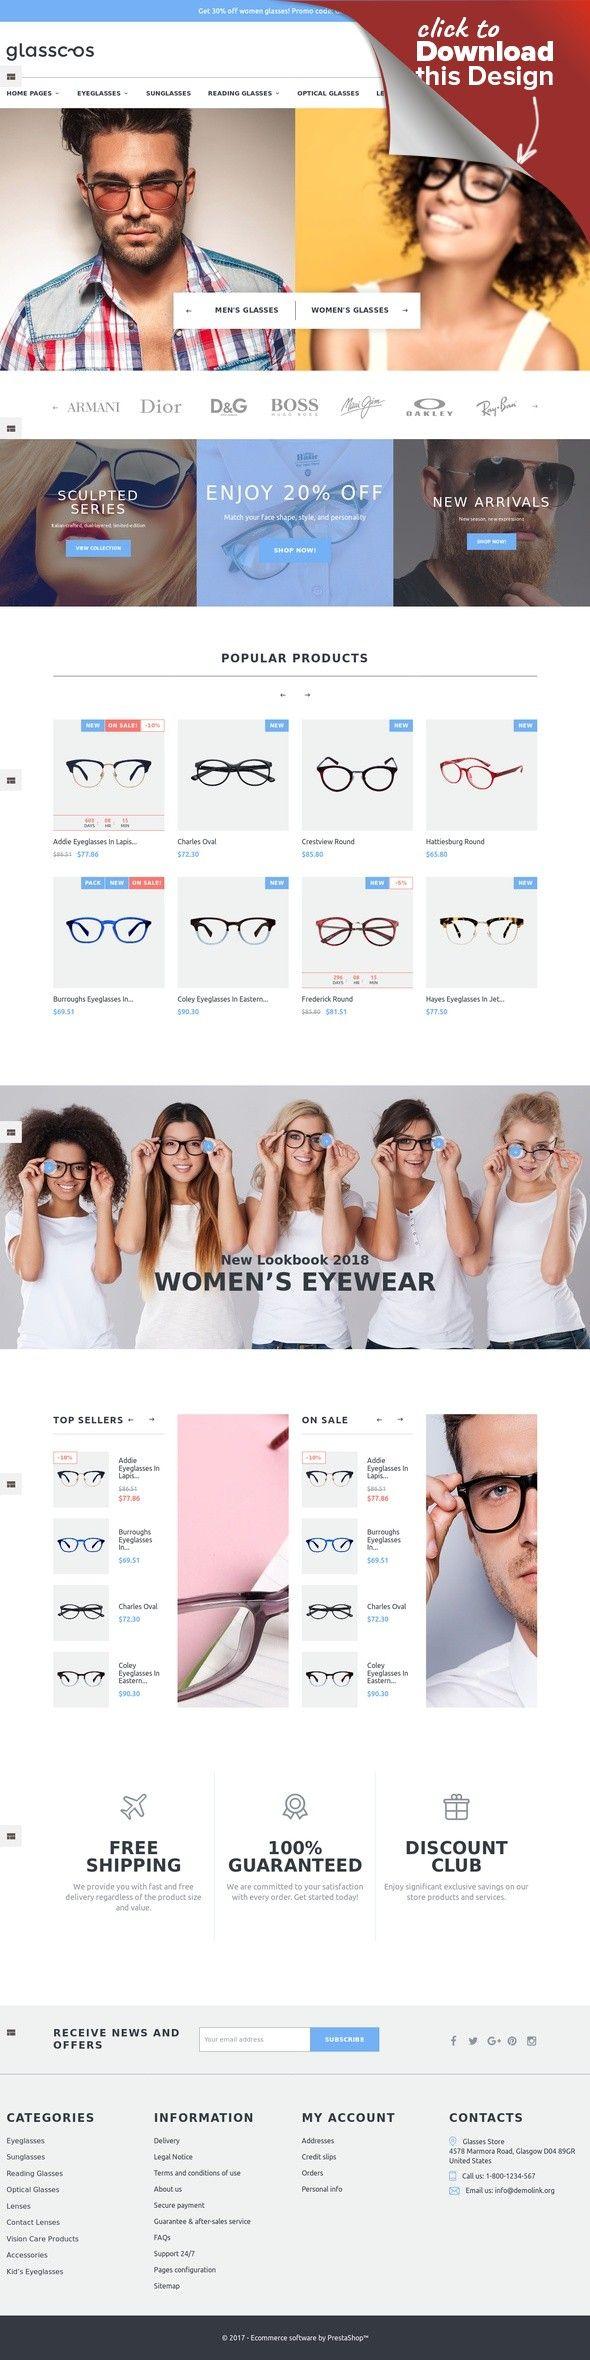 Tema PrestaShop Responsive #64764 per Un Sito di Occhiali da Vista Modelli E-commerce, Temi Prestashop, Template Moda e Bellezza, Template Moda   Tema PrestaShop per Un Sito di Occhiali da Vista. Funzionalità aggiuntive, documentazione dettagliata e immagini stock incluse.